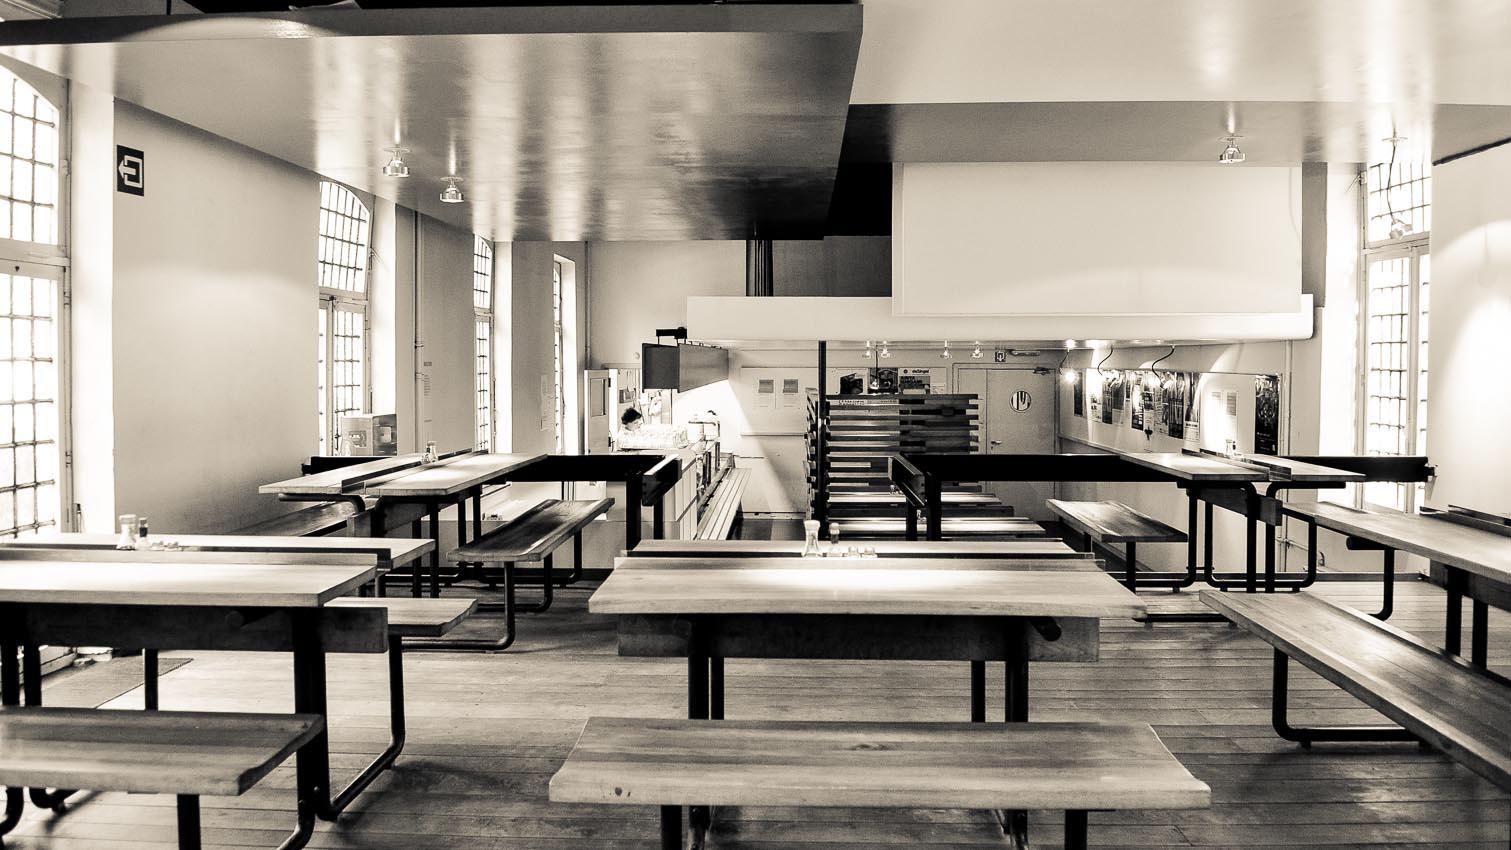 24-cafe-bar-resto-nightclub-decors-film-cinema-photo-belgium-bruxelles